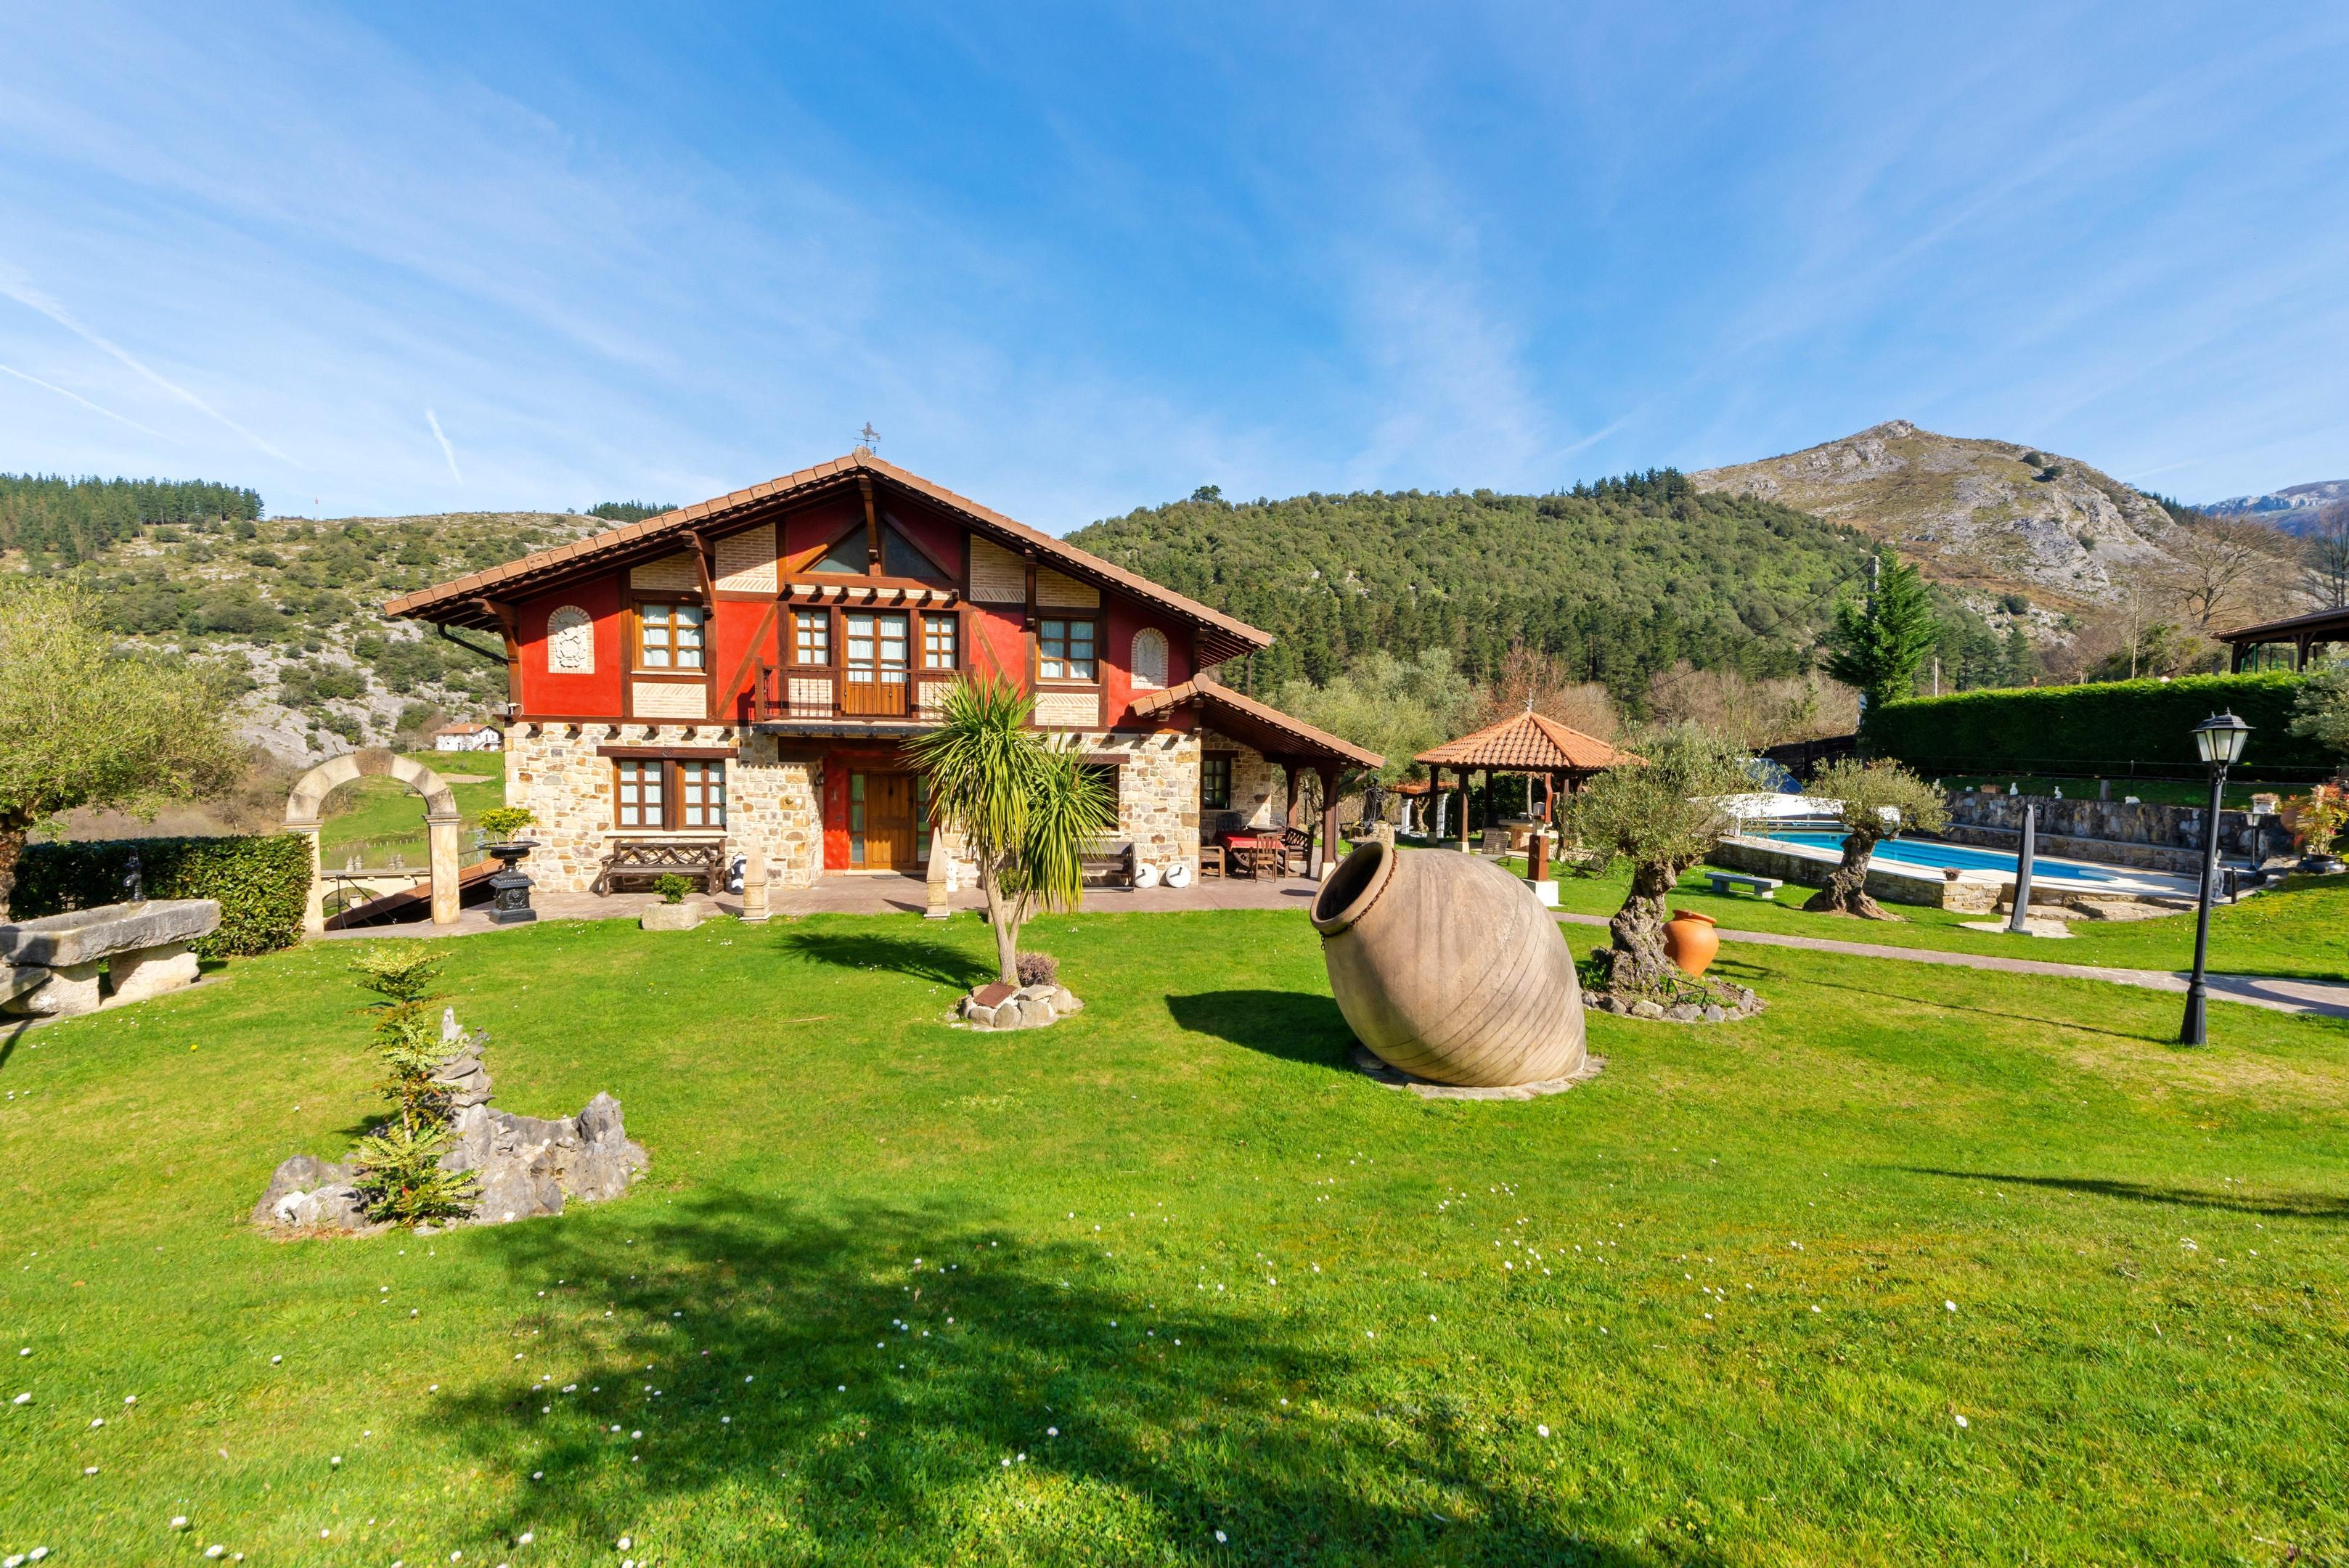 Ferienhaus Villa mit 6 Schlafzimmern in Bizkaia mit privatem Pool und möblierter Terrasse (2519370), Dima, Bizkaia, Baskenland, Spanien, Bild 9